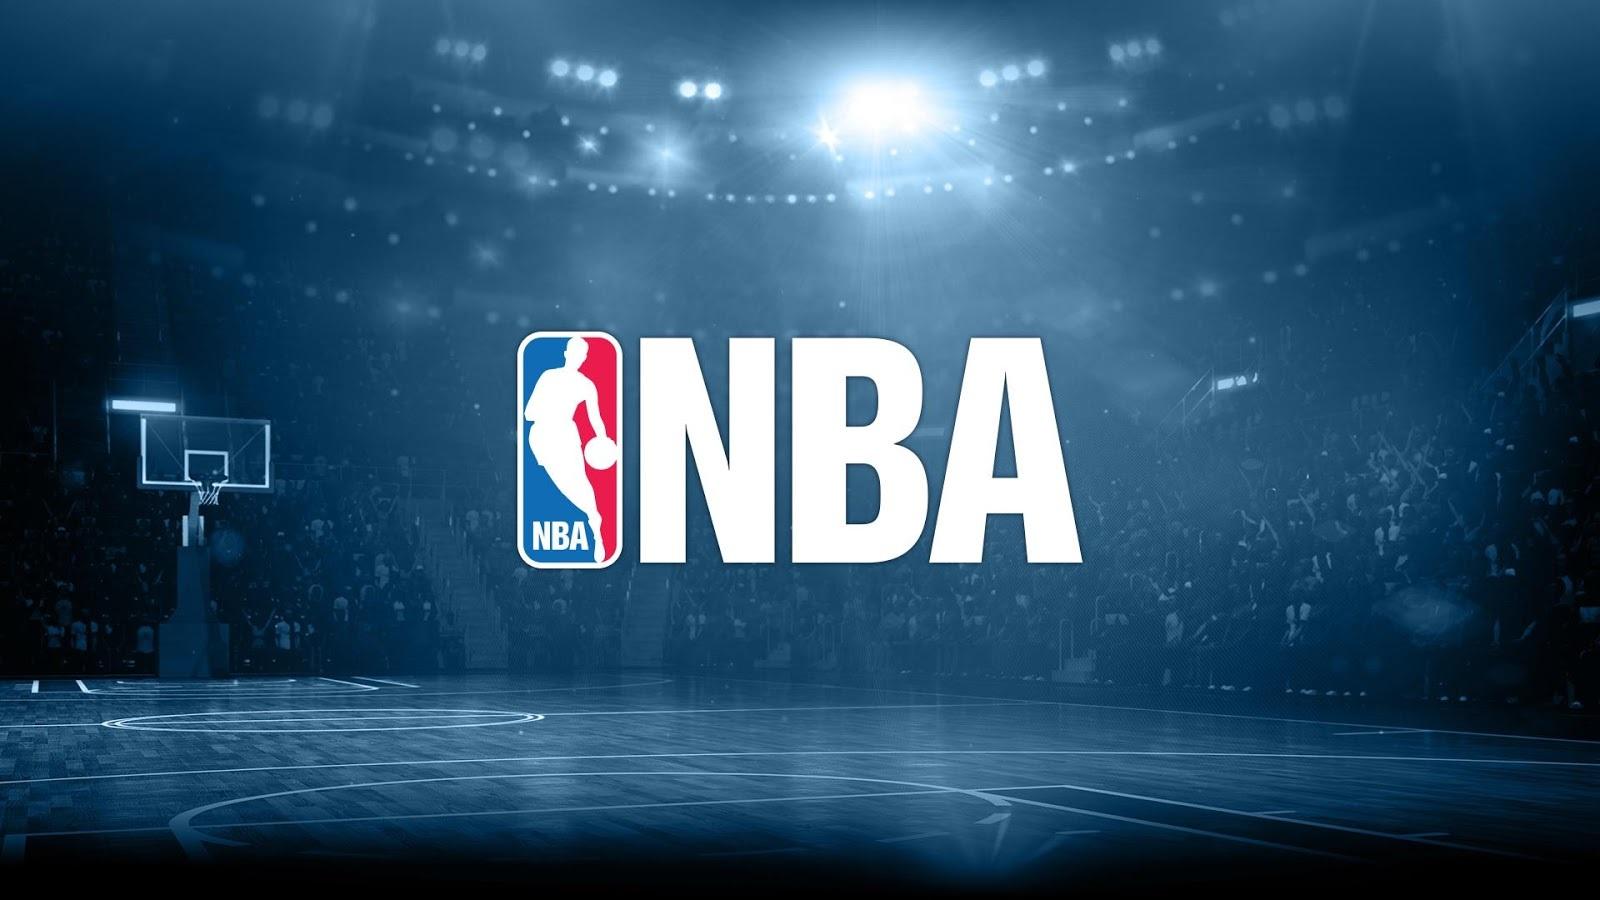 Найкращі моменти матчу плей-оф НБА 26 квітня